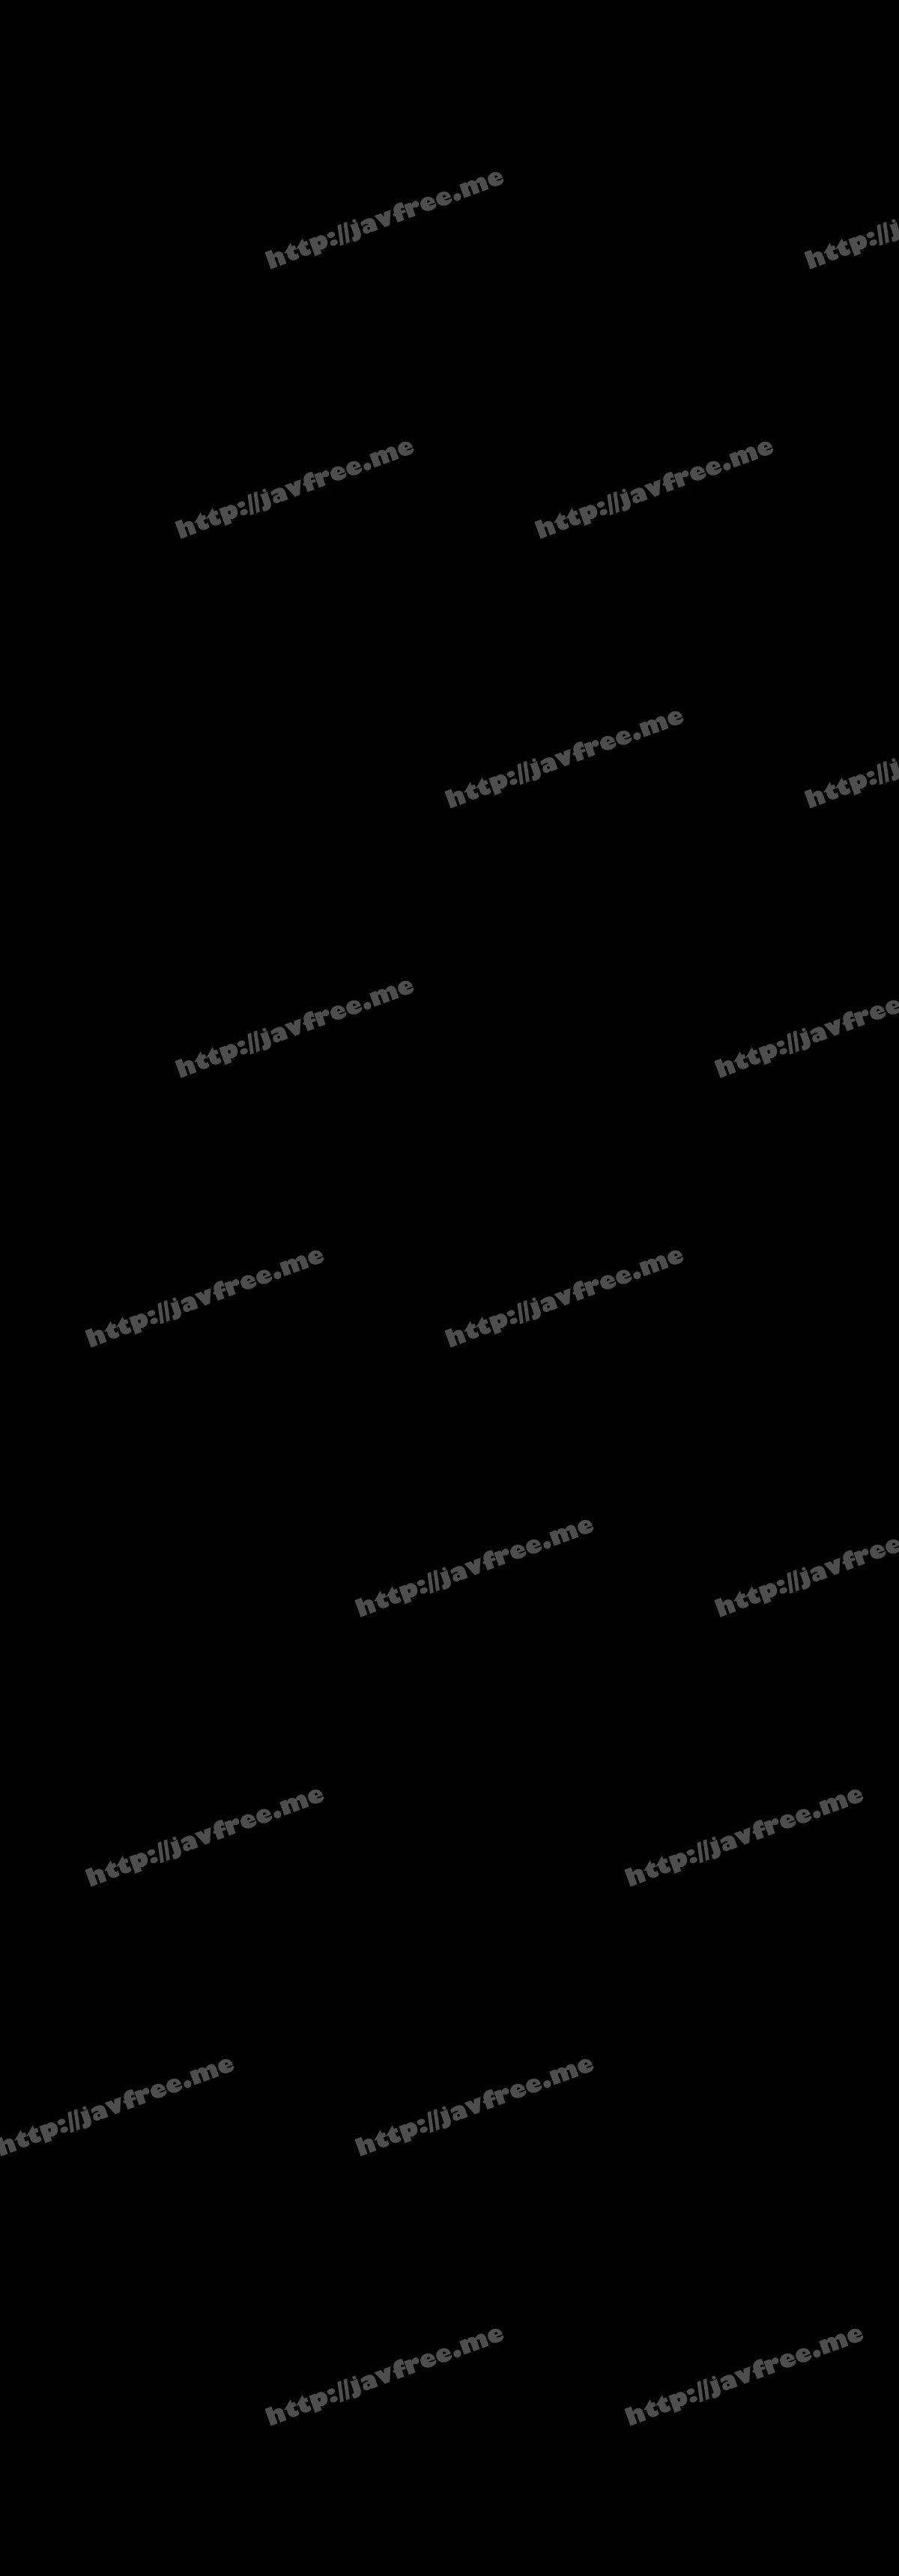 [HD][SDNM-204] あなたの自宅から100m以内にいるかもしれない…そんな、近所の親しみ奥様。 加藤沙季 34歳 最終章 これが最後 旦那を忘れて中出し温泉不倫旅行一泊二日 チェックインしてすぐ生ハメ 温泉3P連続膣内射精・おもちゃ連続絶頂・寝起き即中出し - image SDNM-204-1080p on https://javfree.me